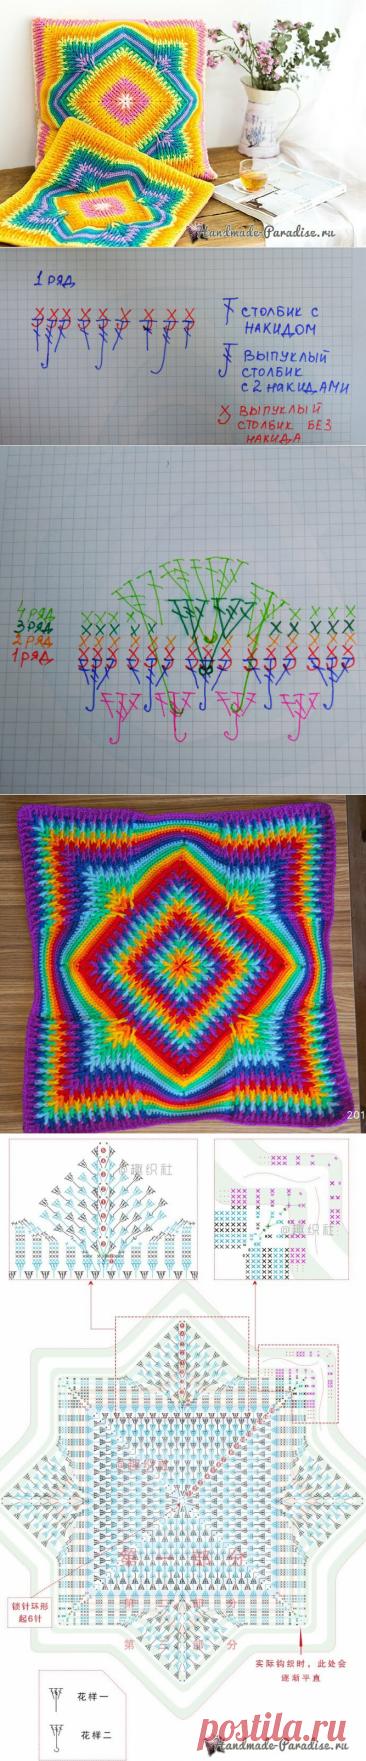 Вязание подушки крючком с эффектом градиента | Елена М | Яндекс Дзен